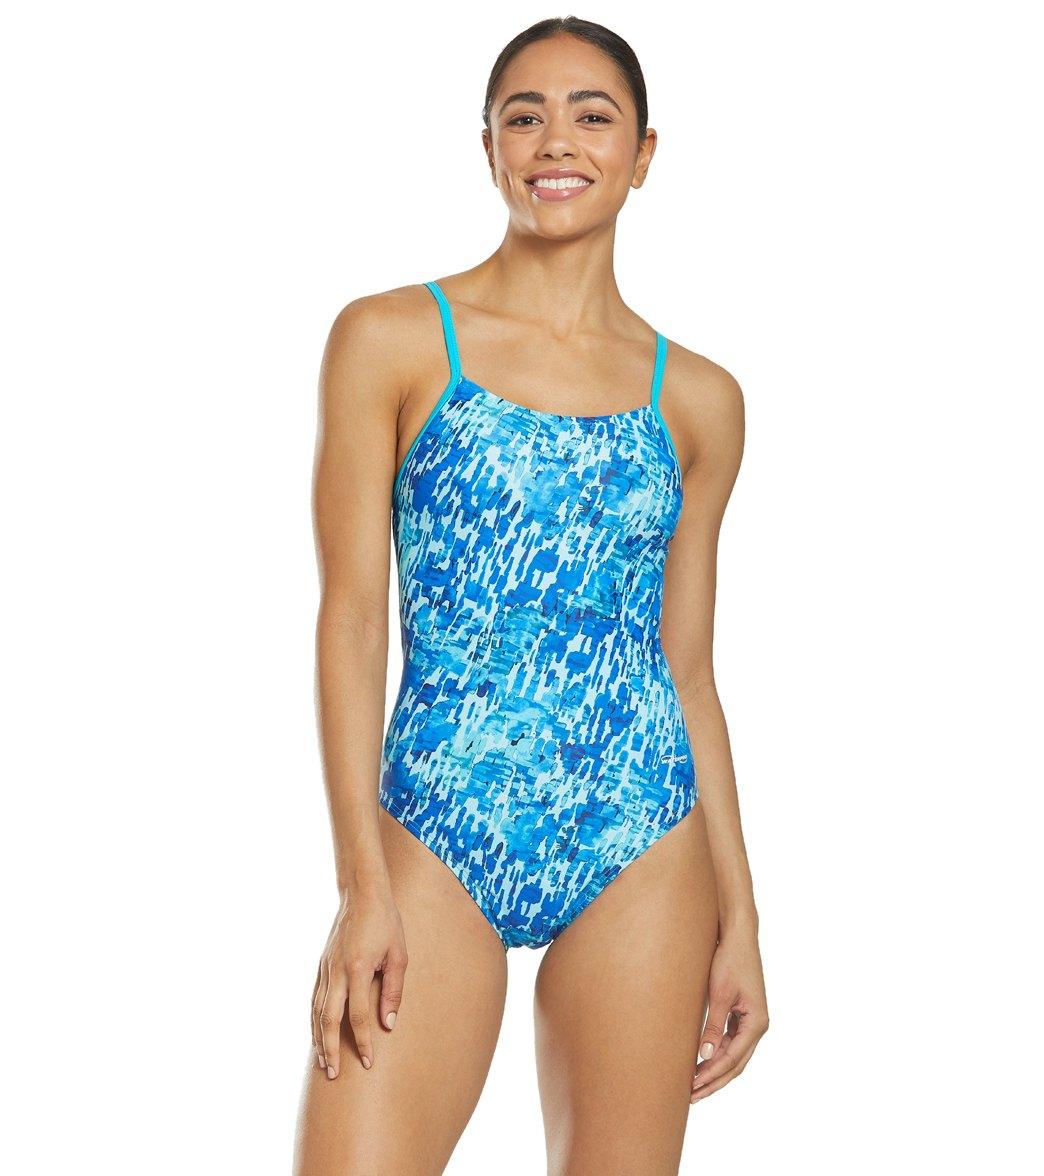 45d3c9431 Waterpro Women's Arctic One Piece Swimsuit at SwimOutlet.com